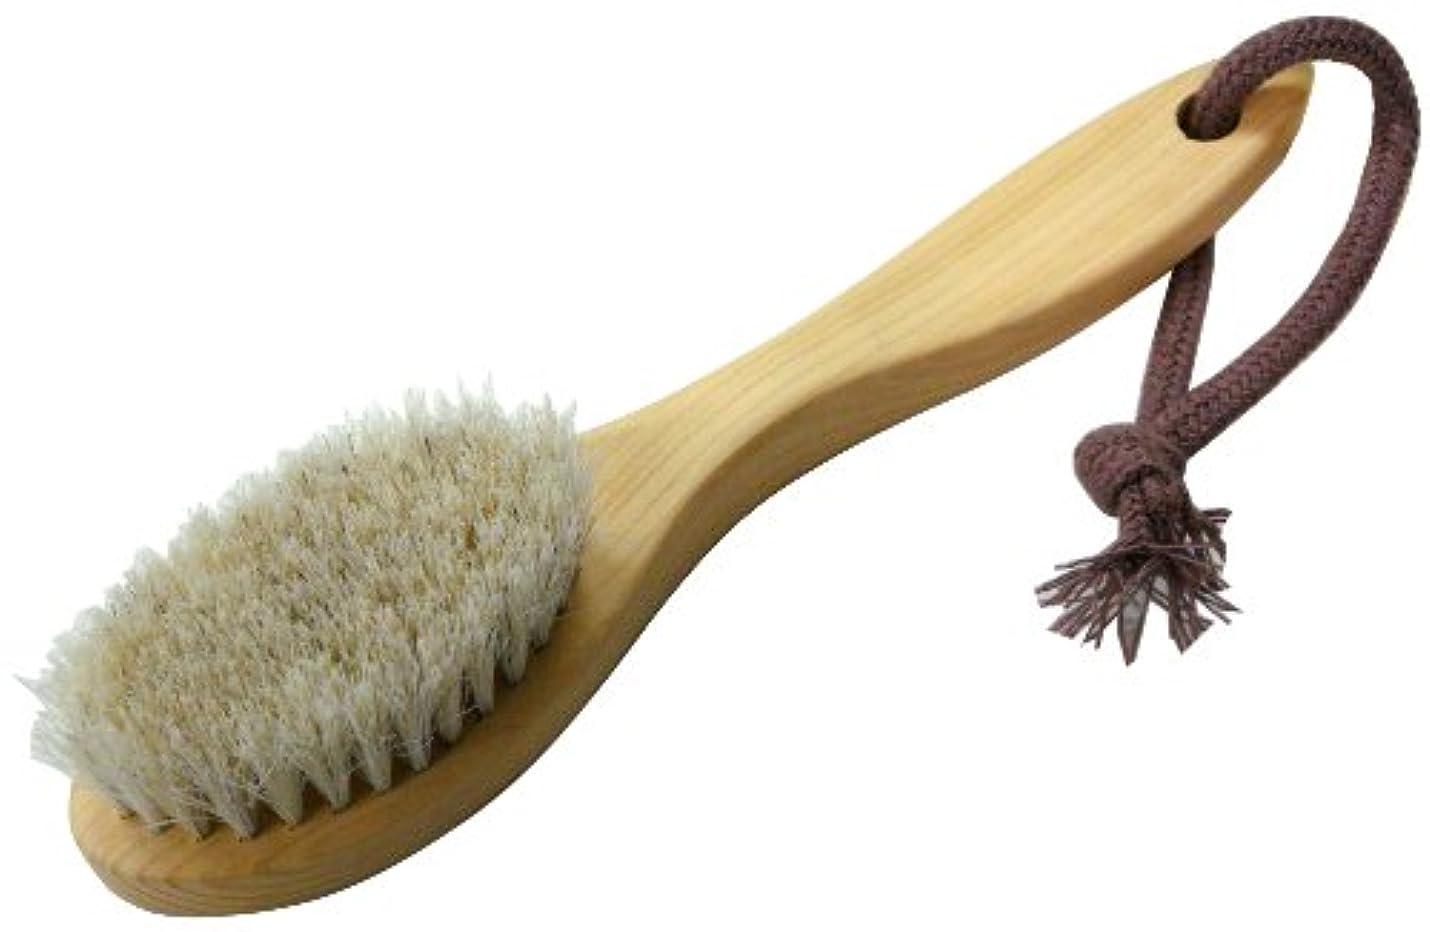 羊飼い尽きる憤るイシミズ 洗顔ブラシ リーフフェイスブラシ 00796